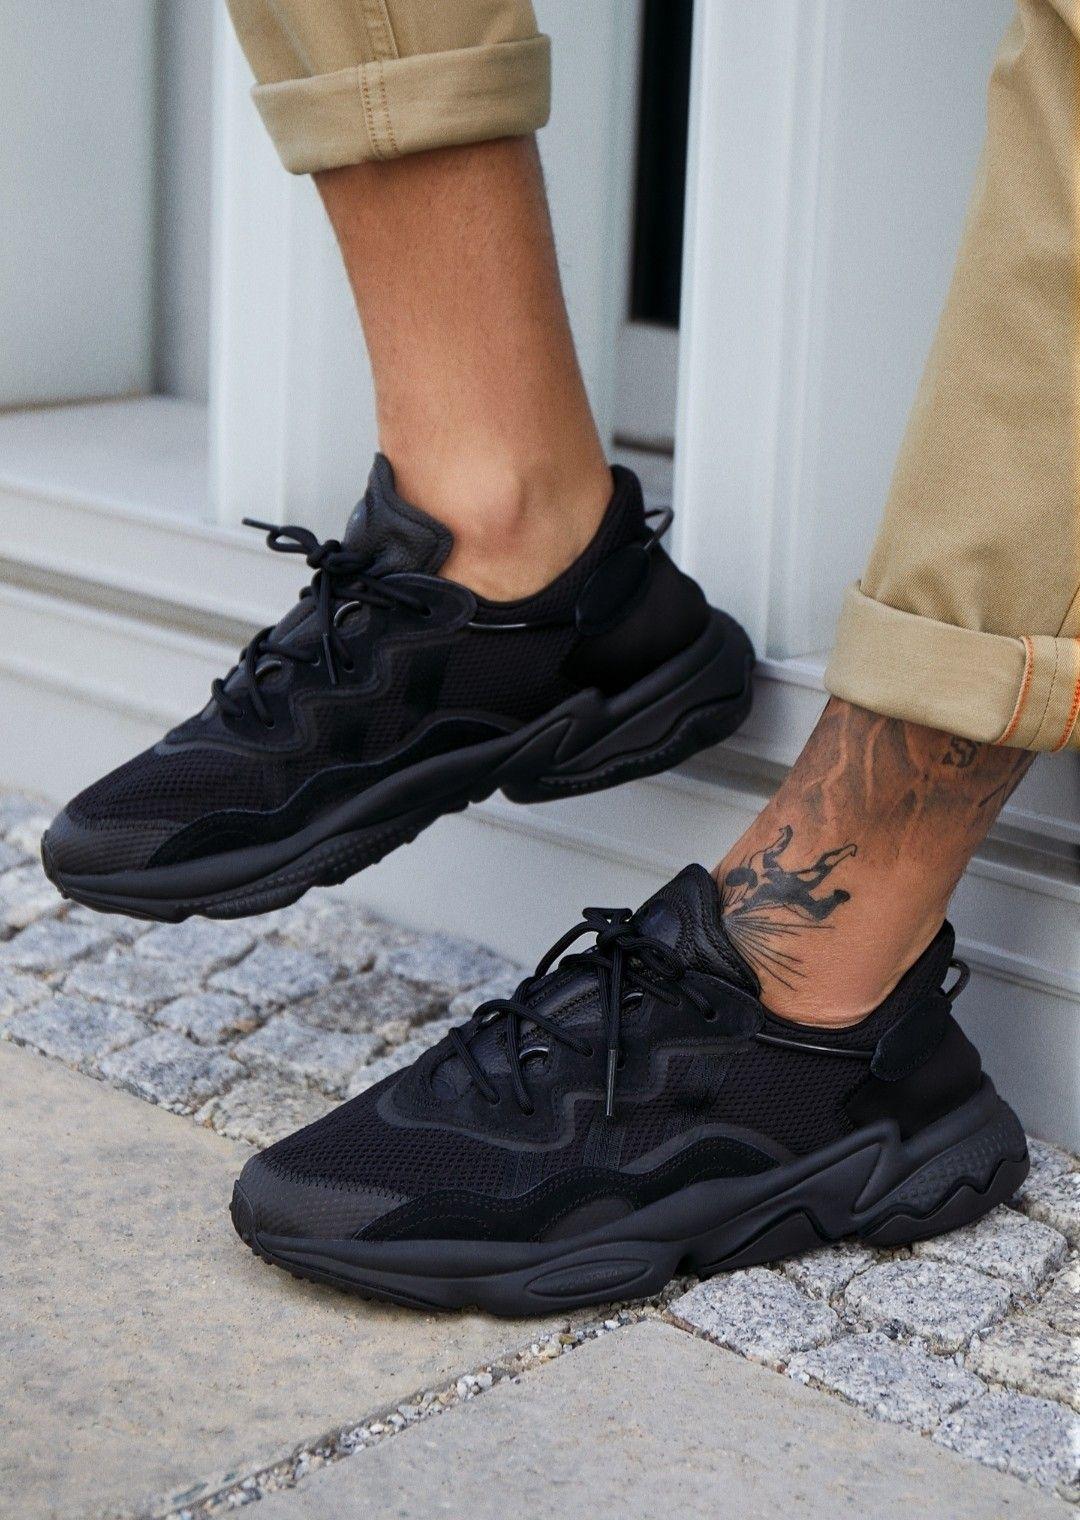 Adidas ozweego black i 2020